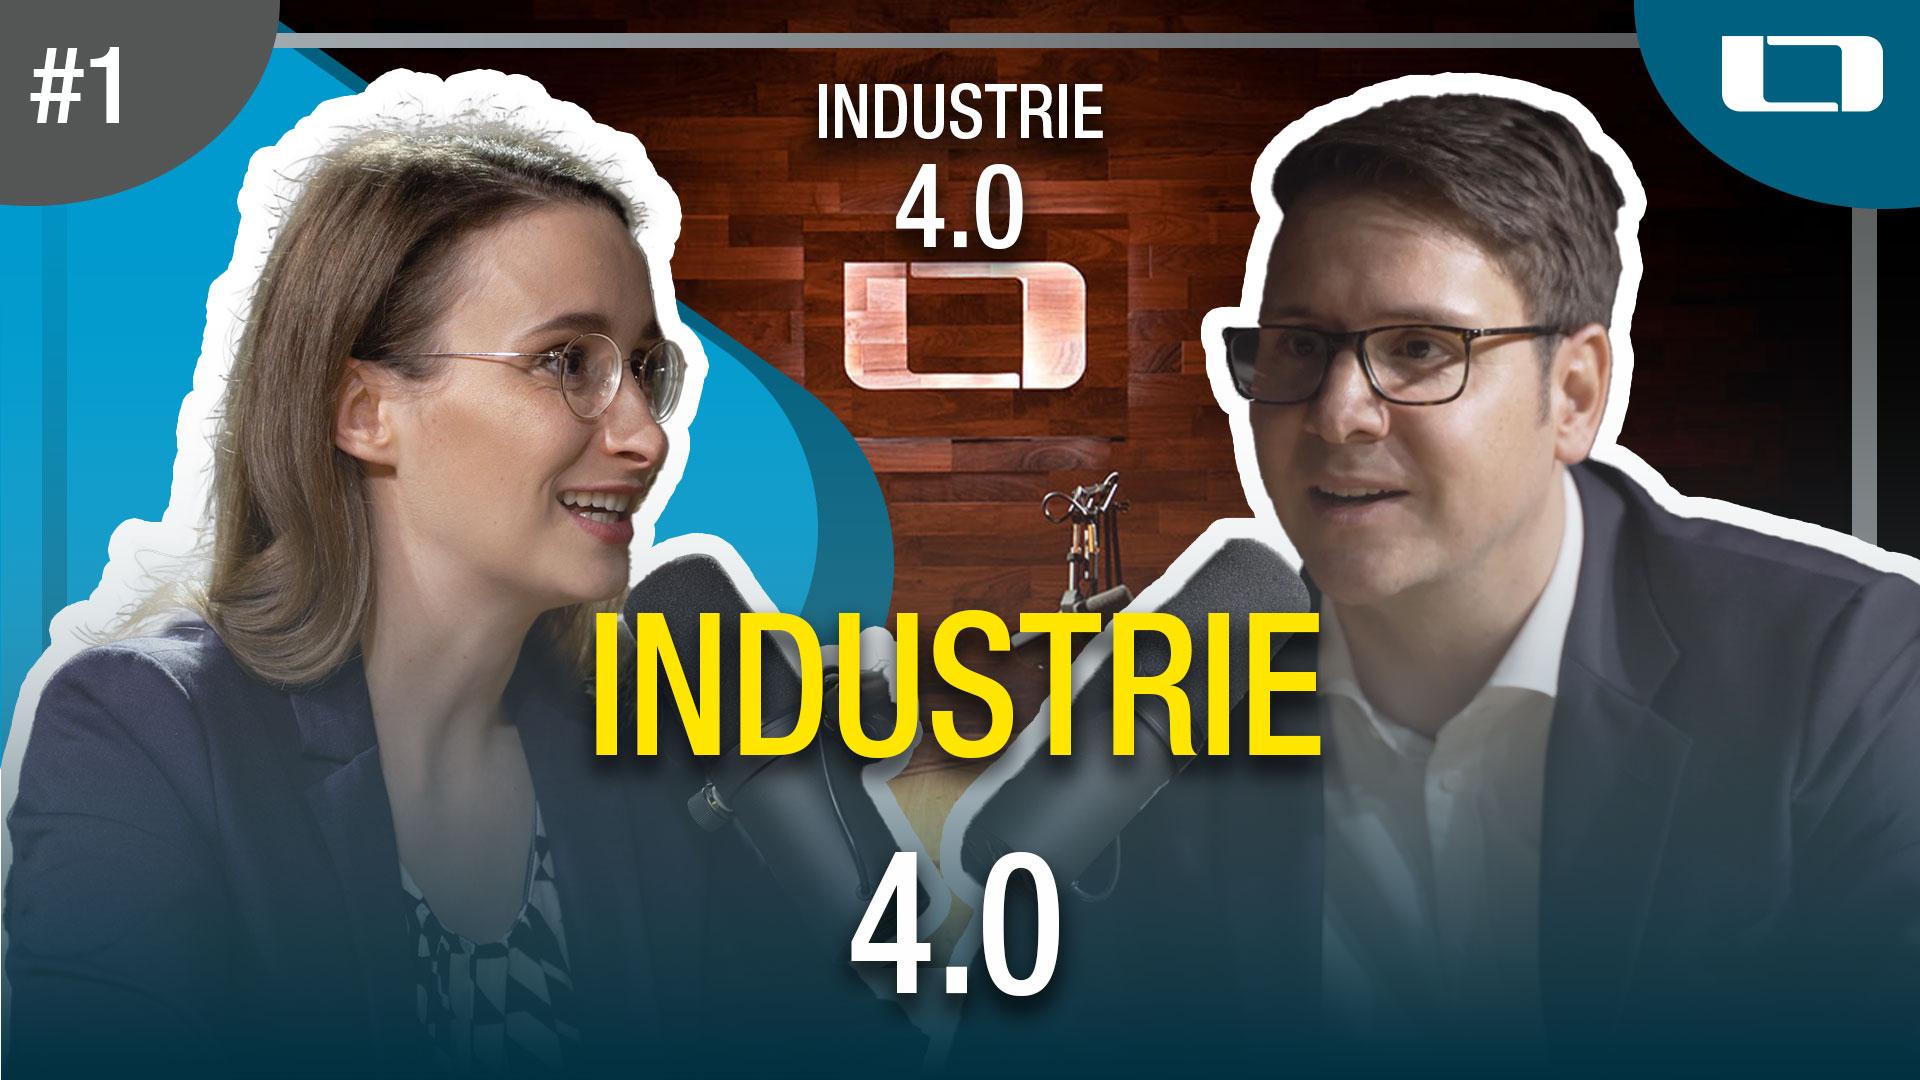 industrie 4.0 moritz haemmerle